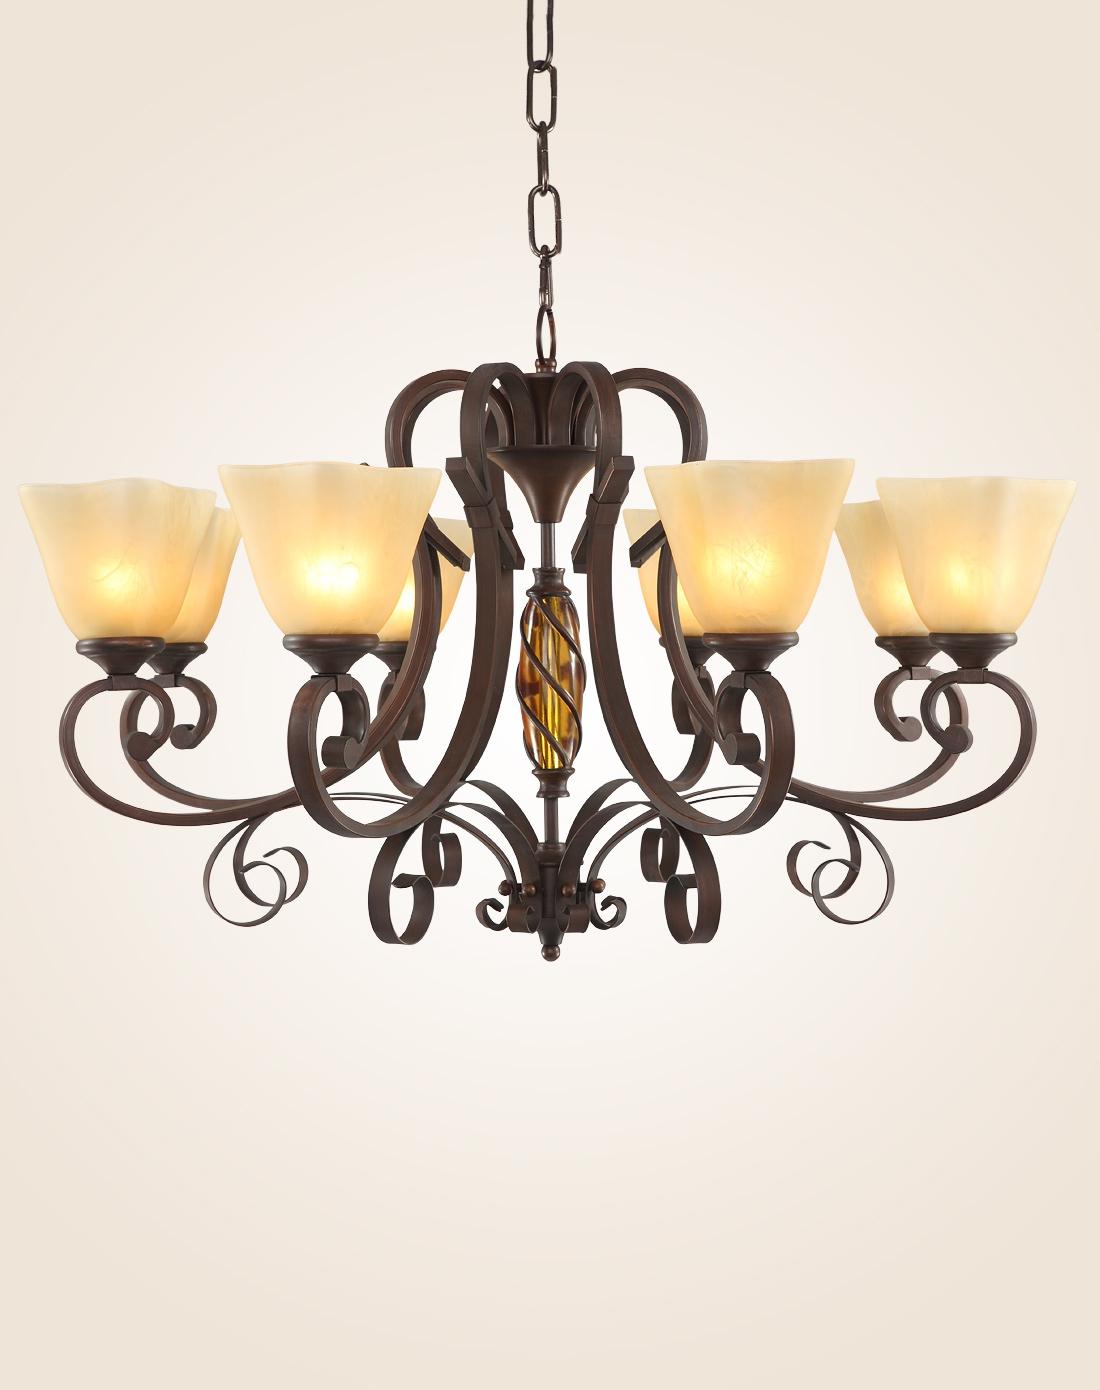 美式乡村吊灯复古铁艺客厅灯具图片